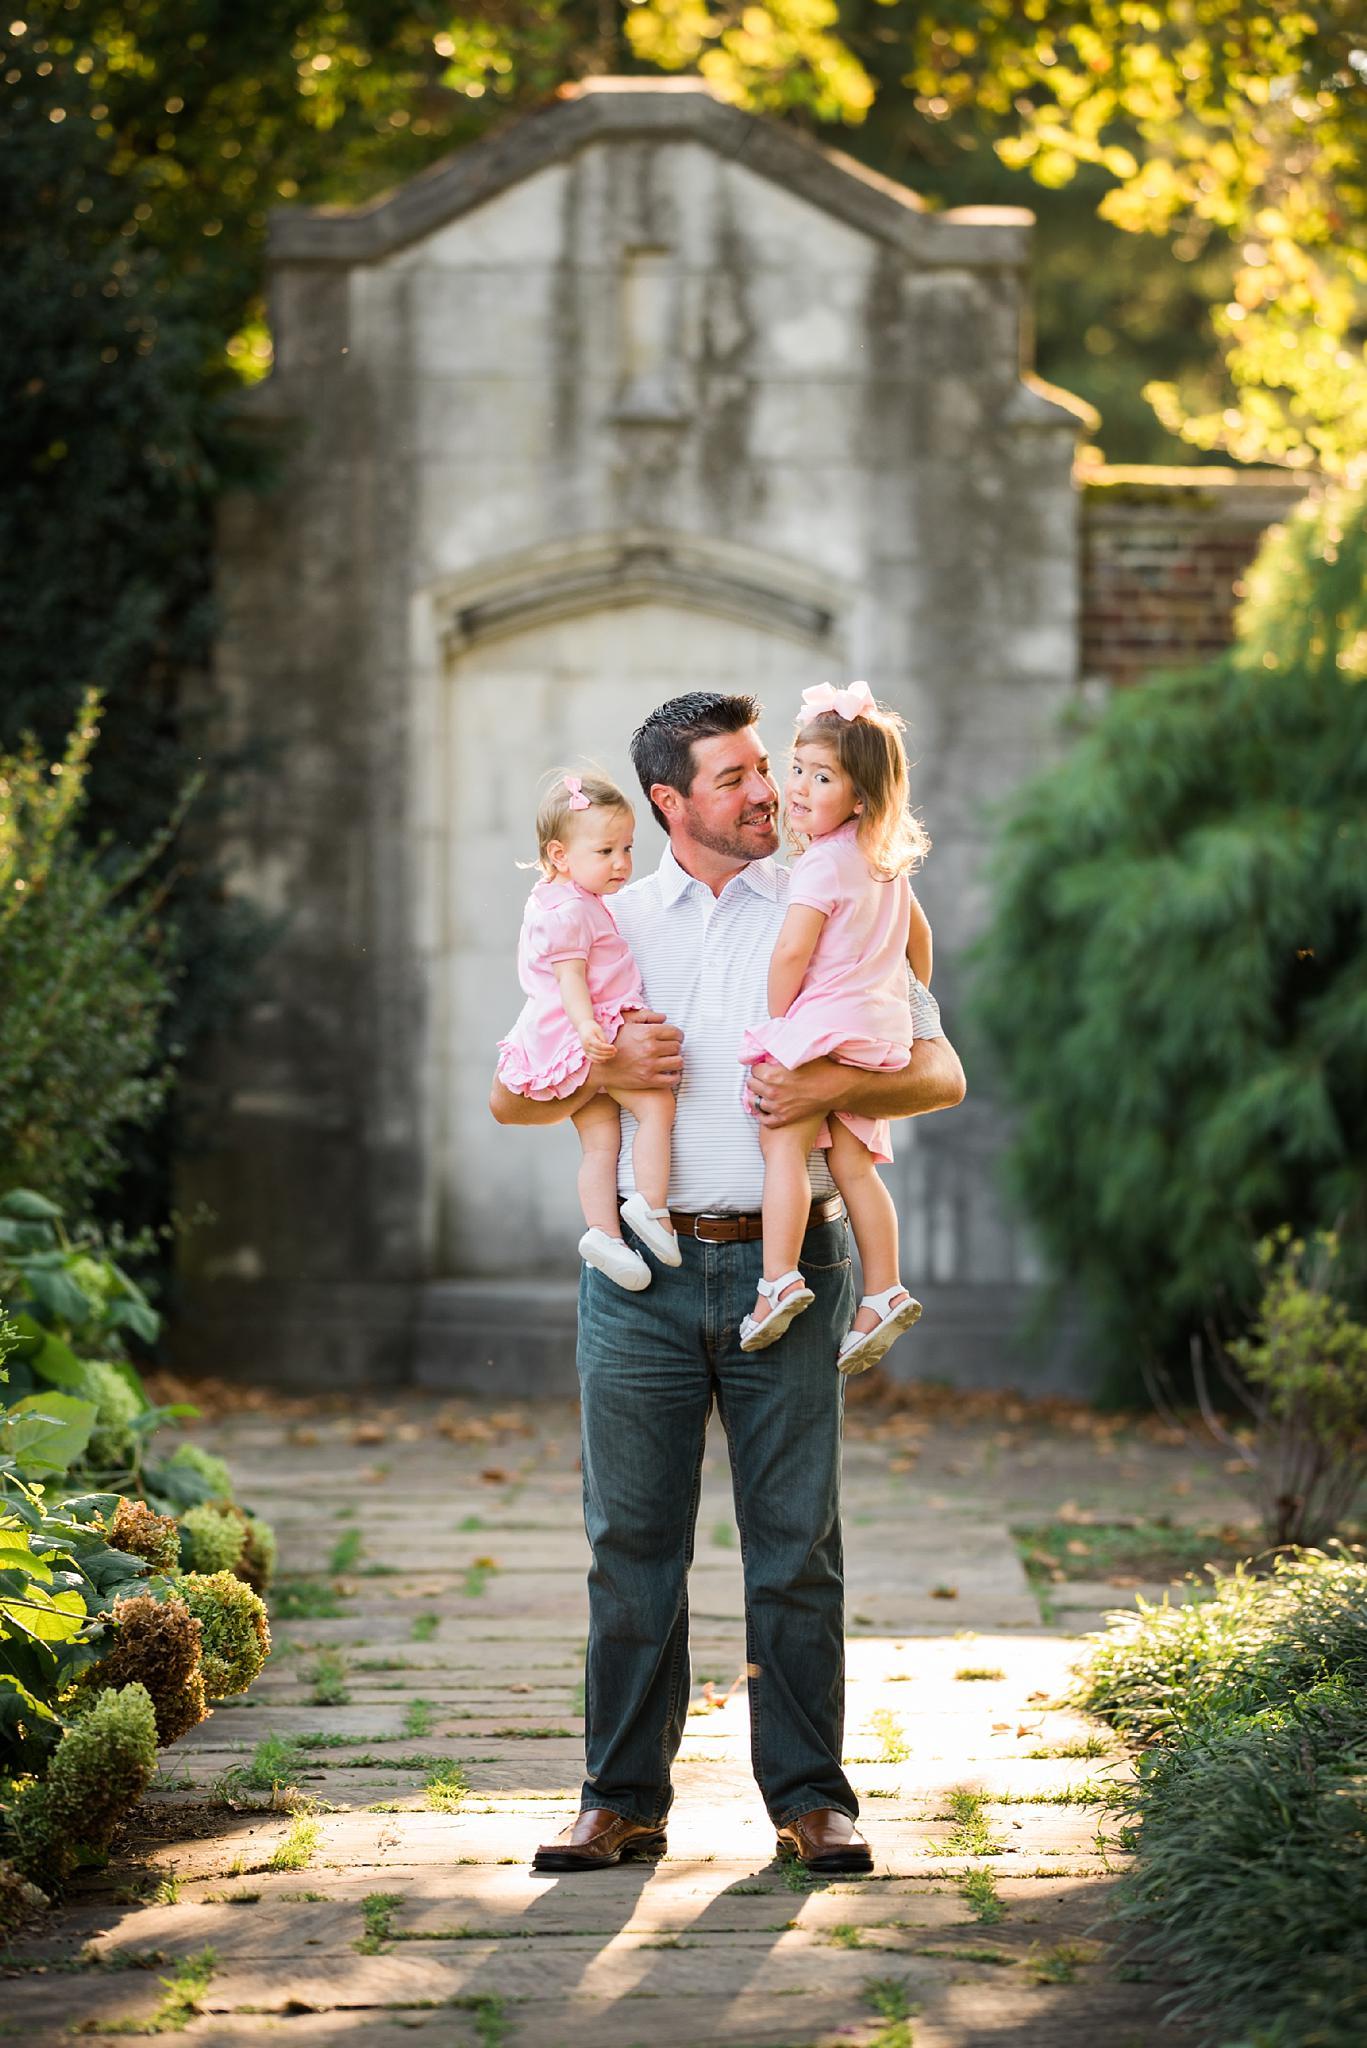 Mellon Park Garden Family Photography Pittsburgh Rachel Rossetti_0100.jpg